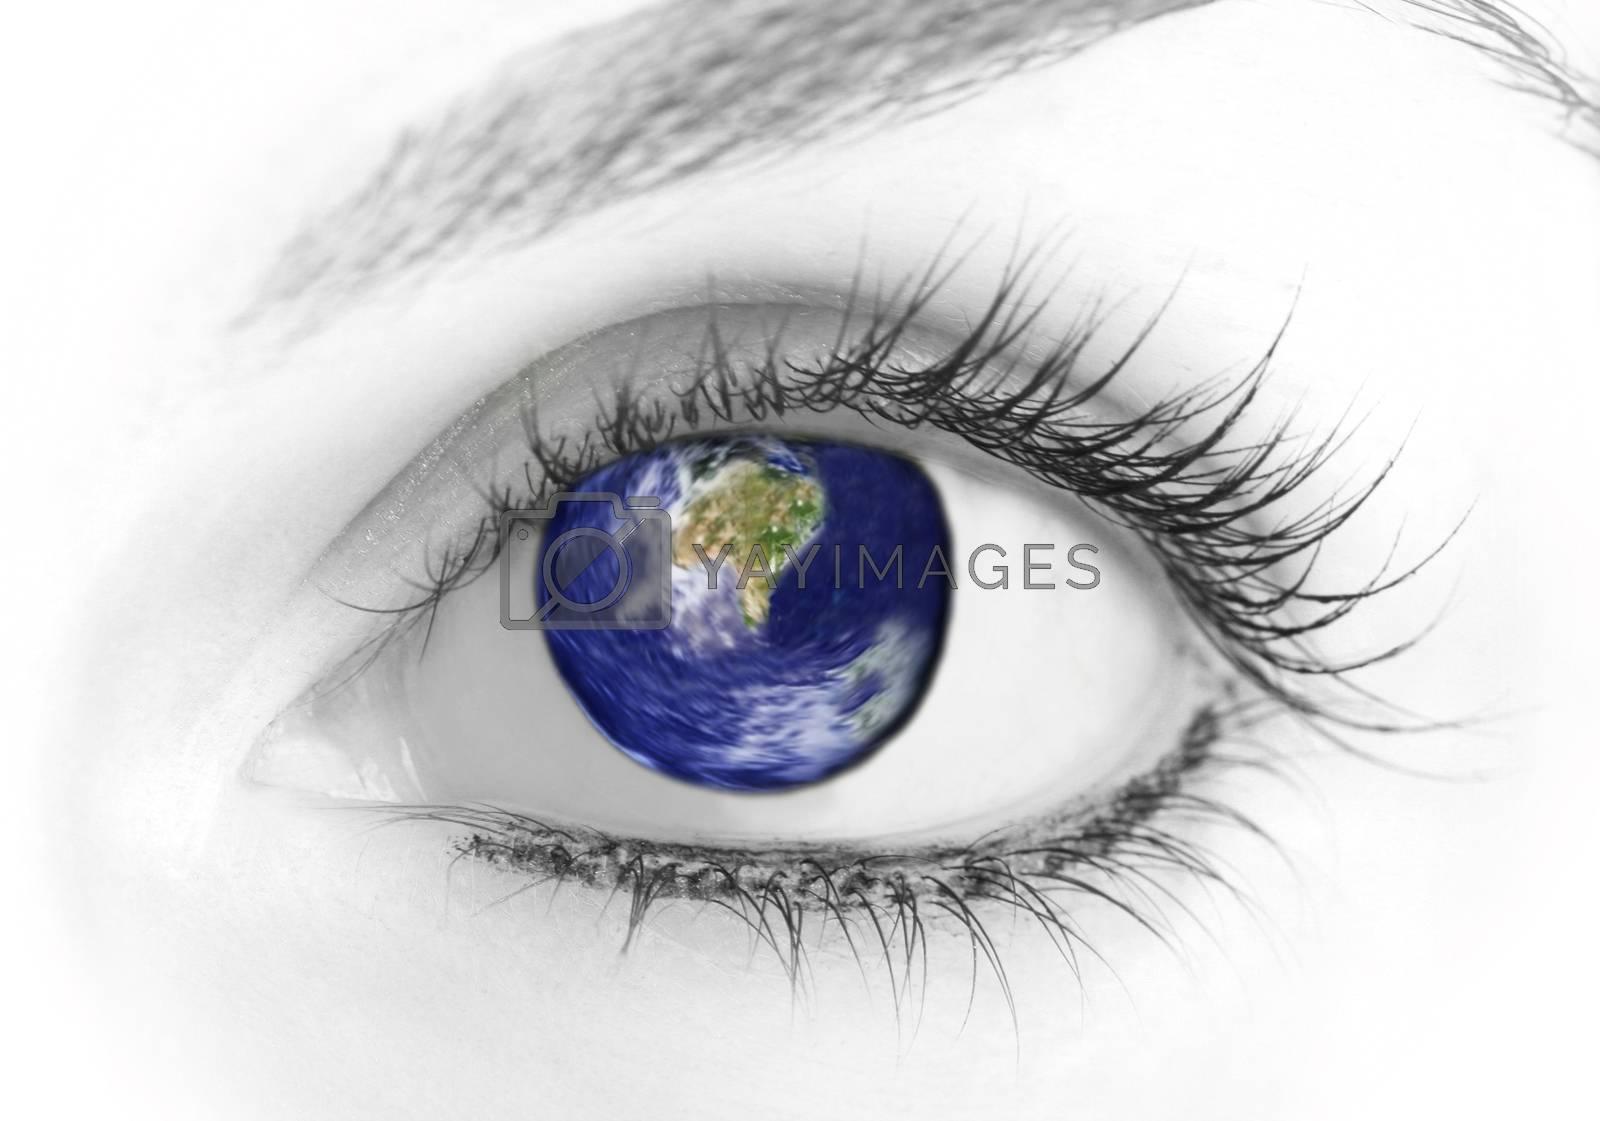 Beauty big eye. Macro. Isolated on white.